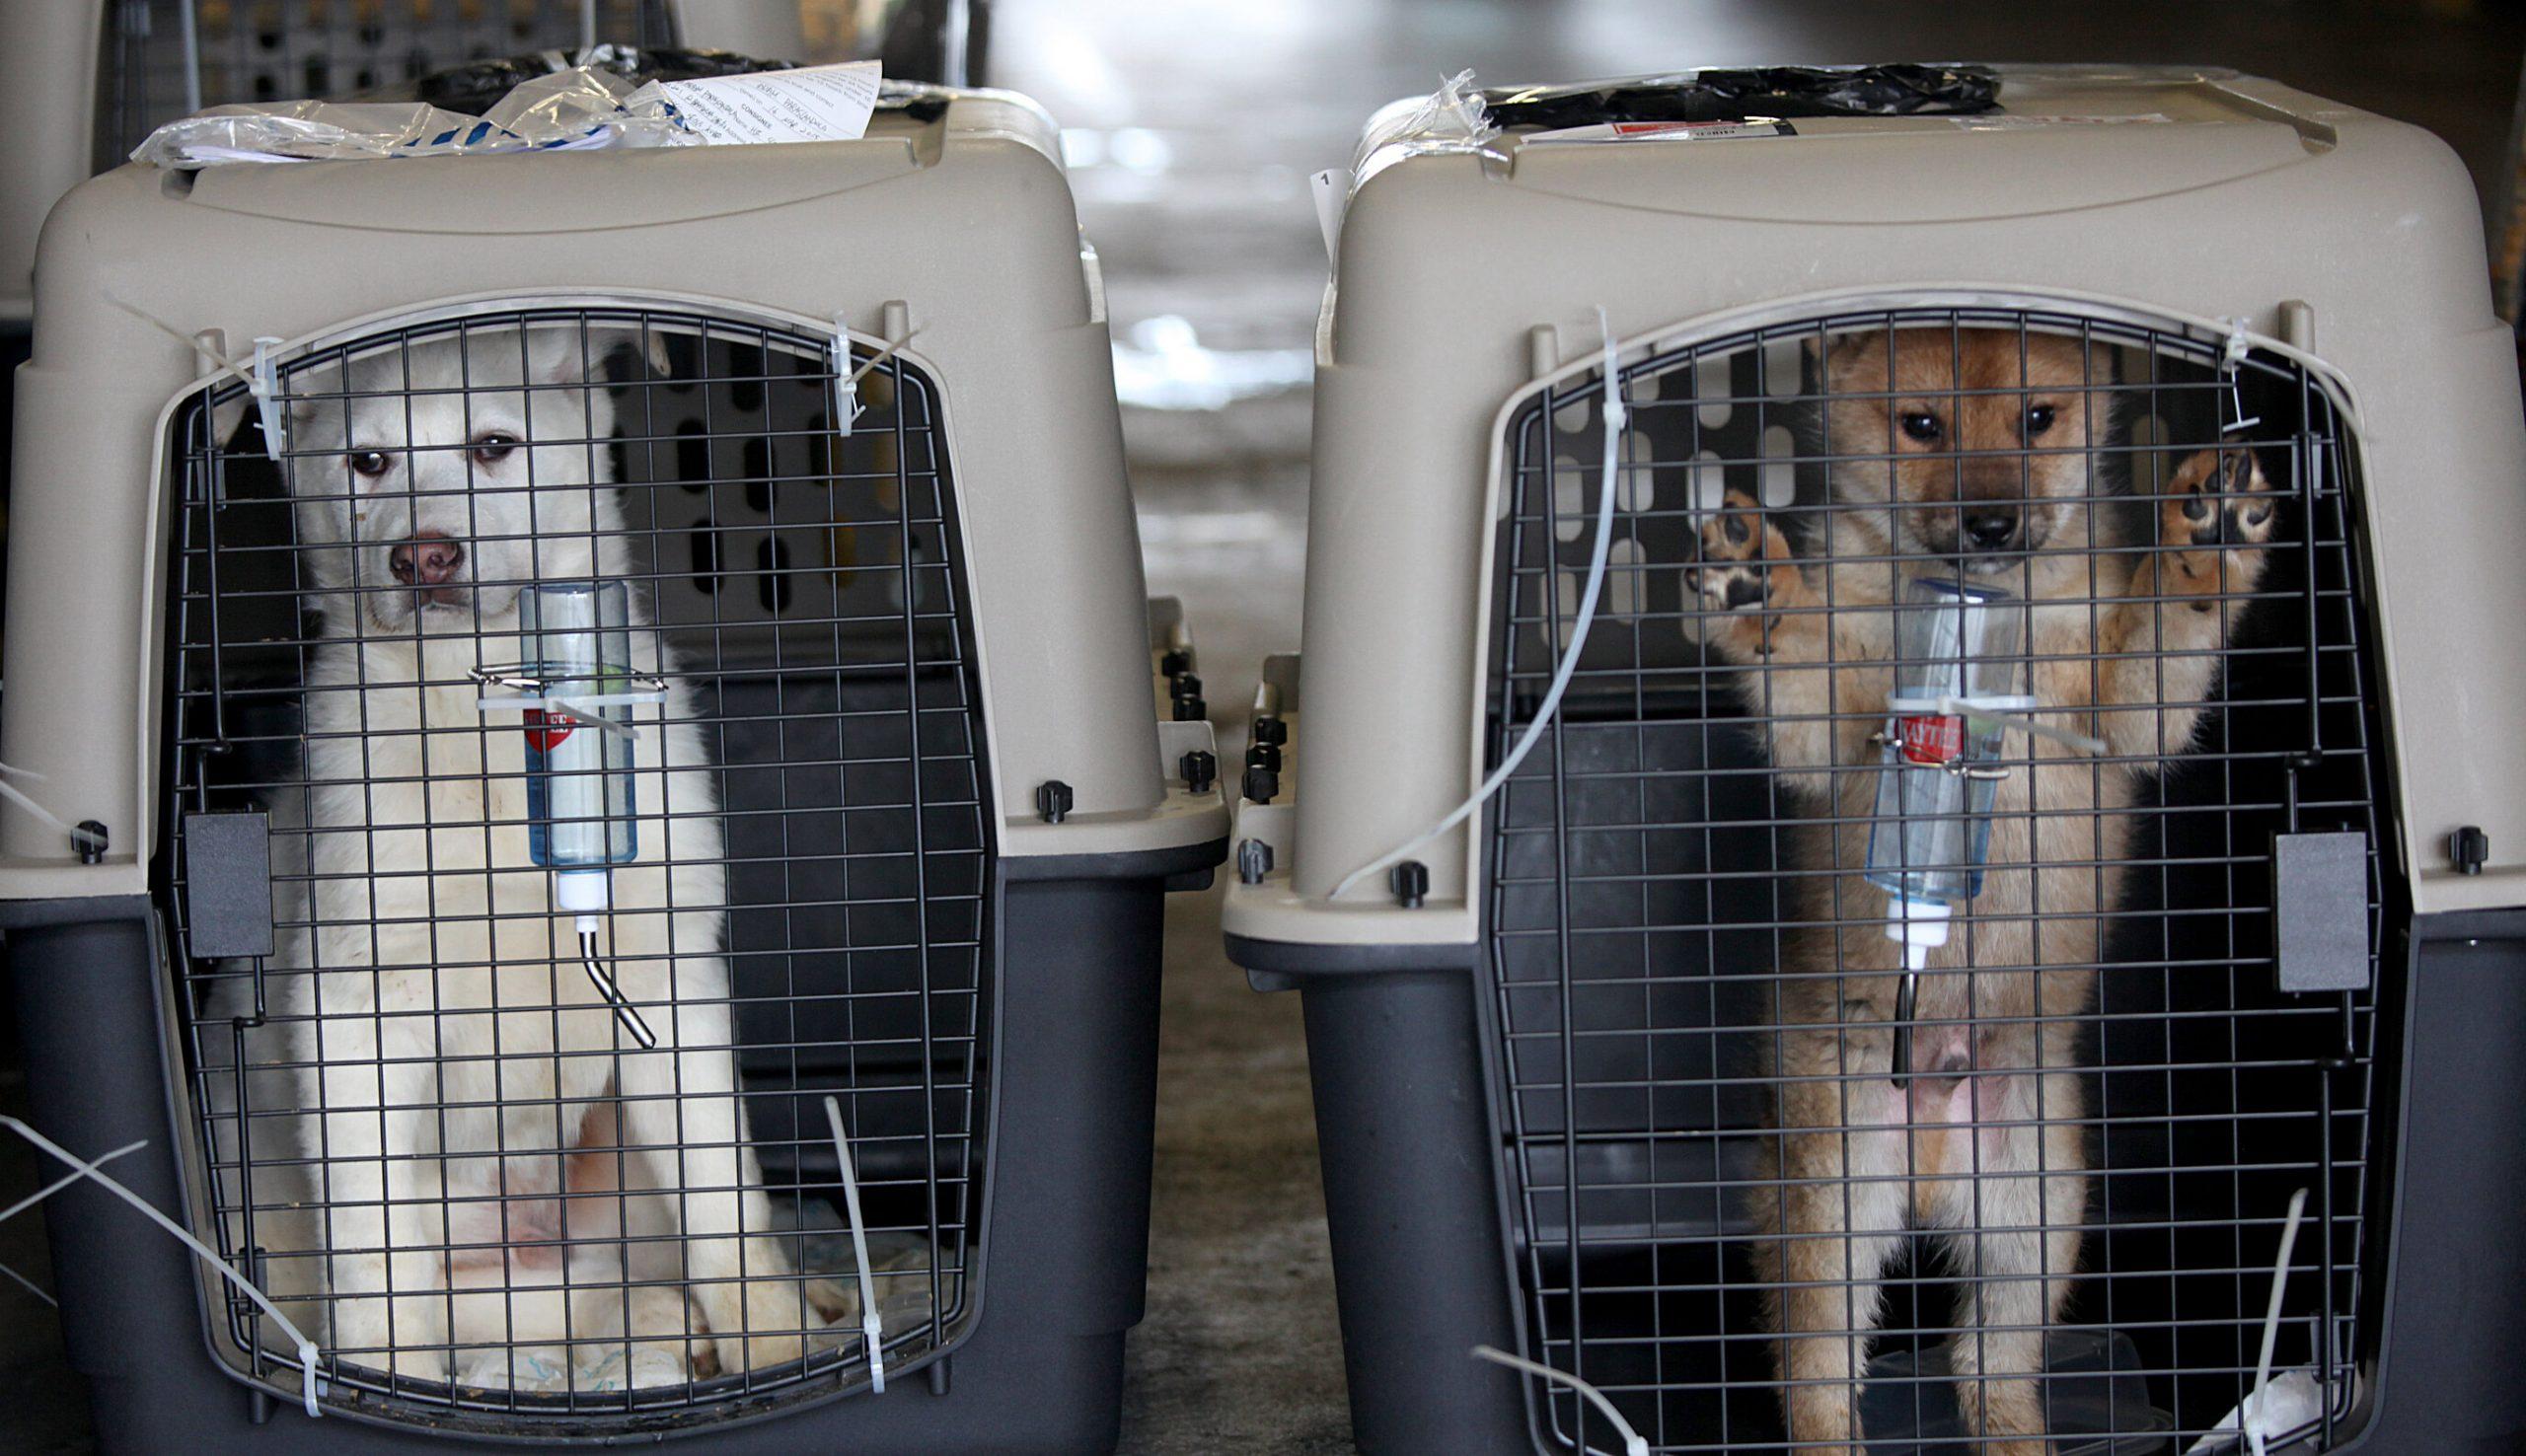 Consumul de carne de câine trebuie oprit, spune președintele sud-coreean. 1 milion de câini sunt sacrificați anual în Coreea de Sud